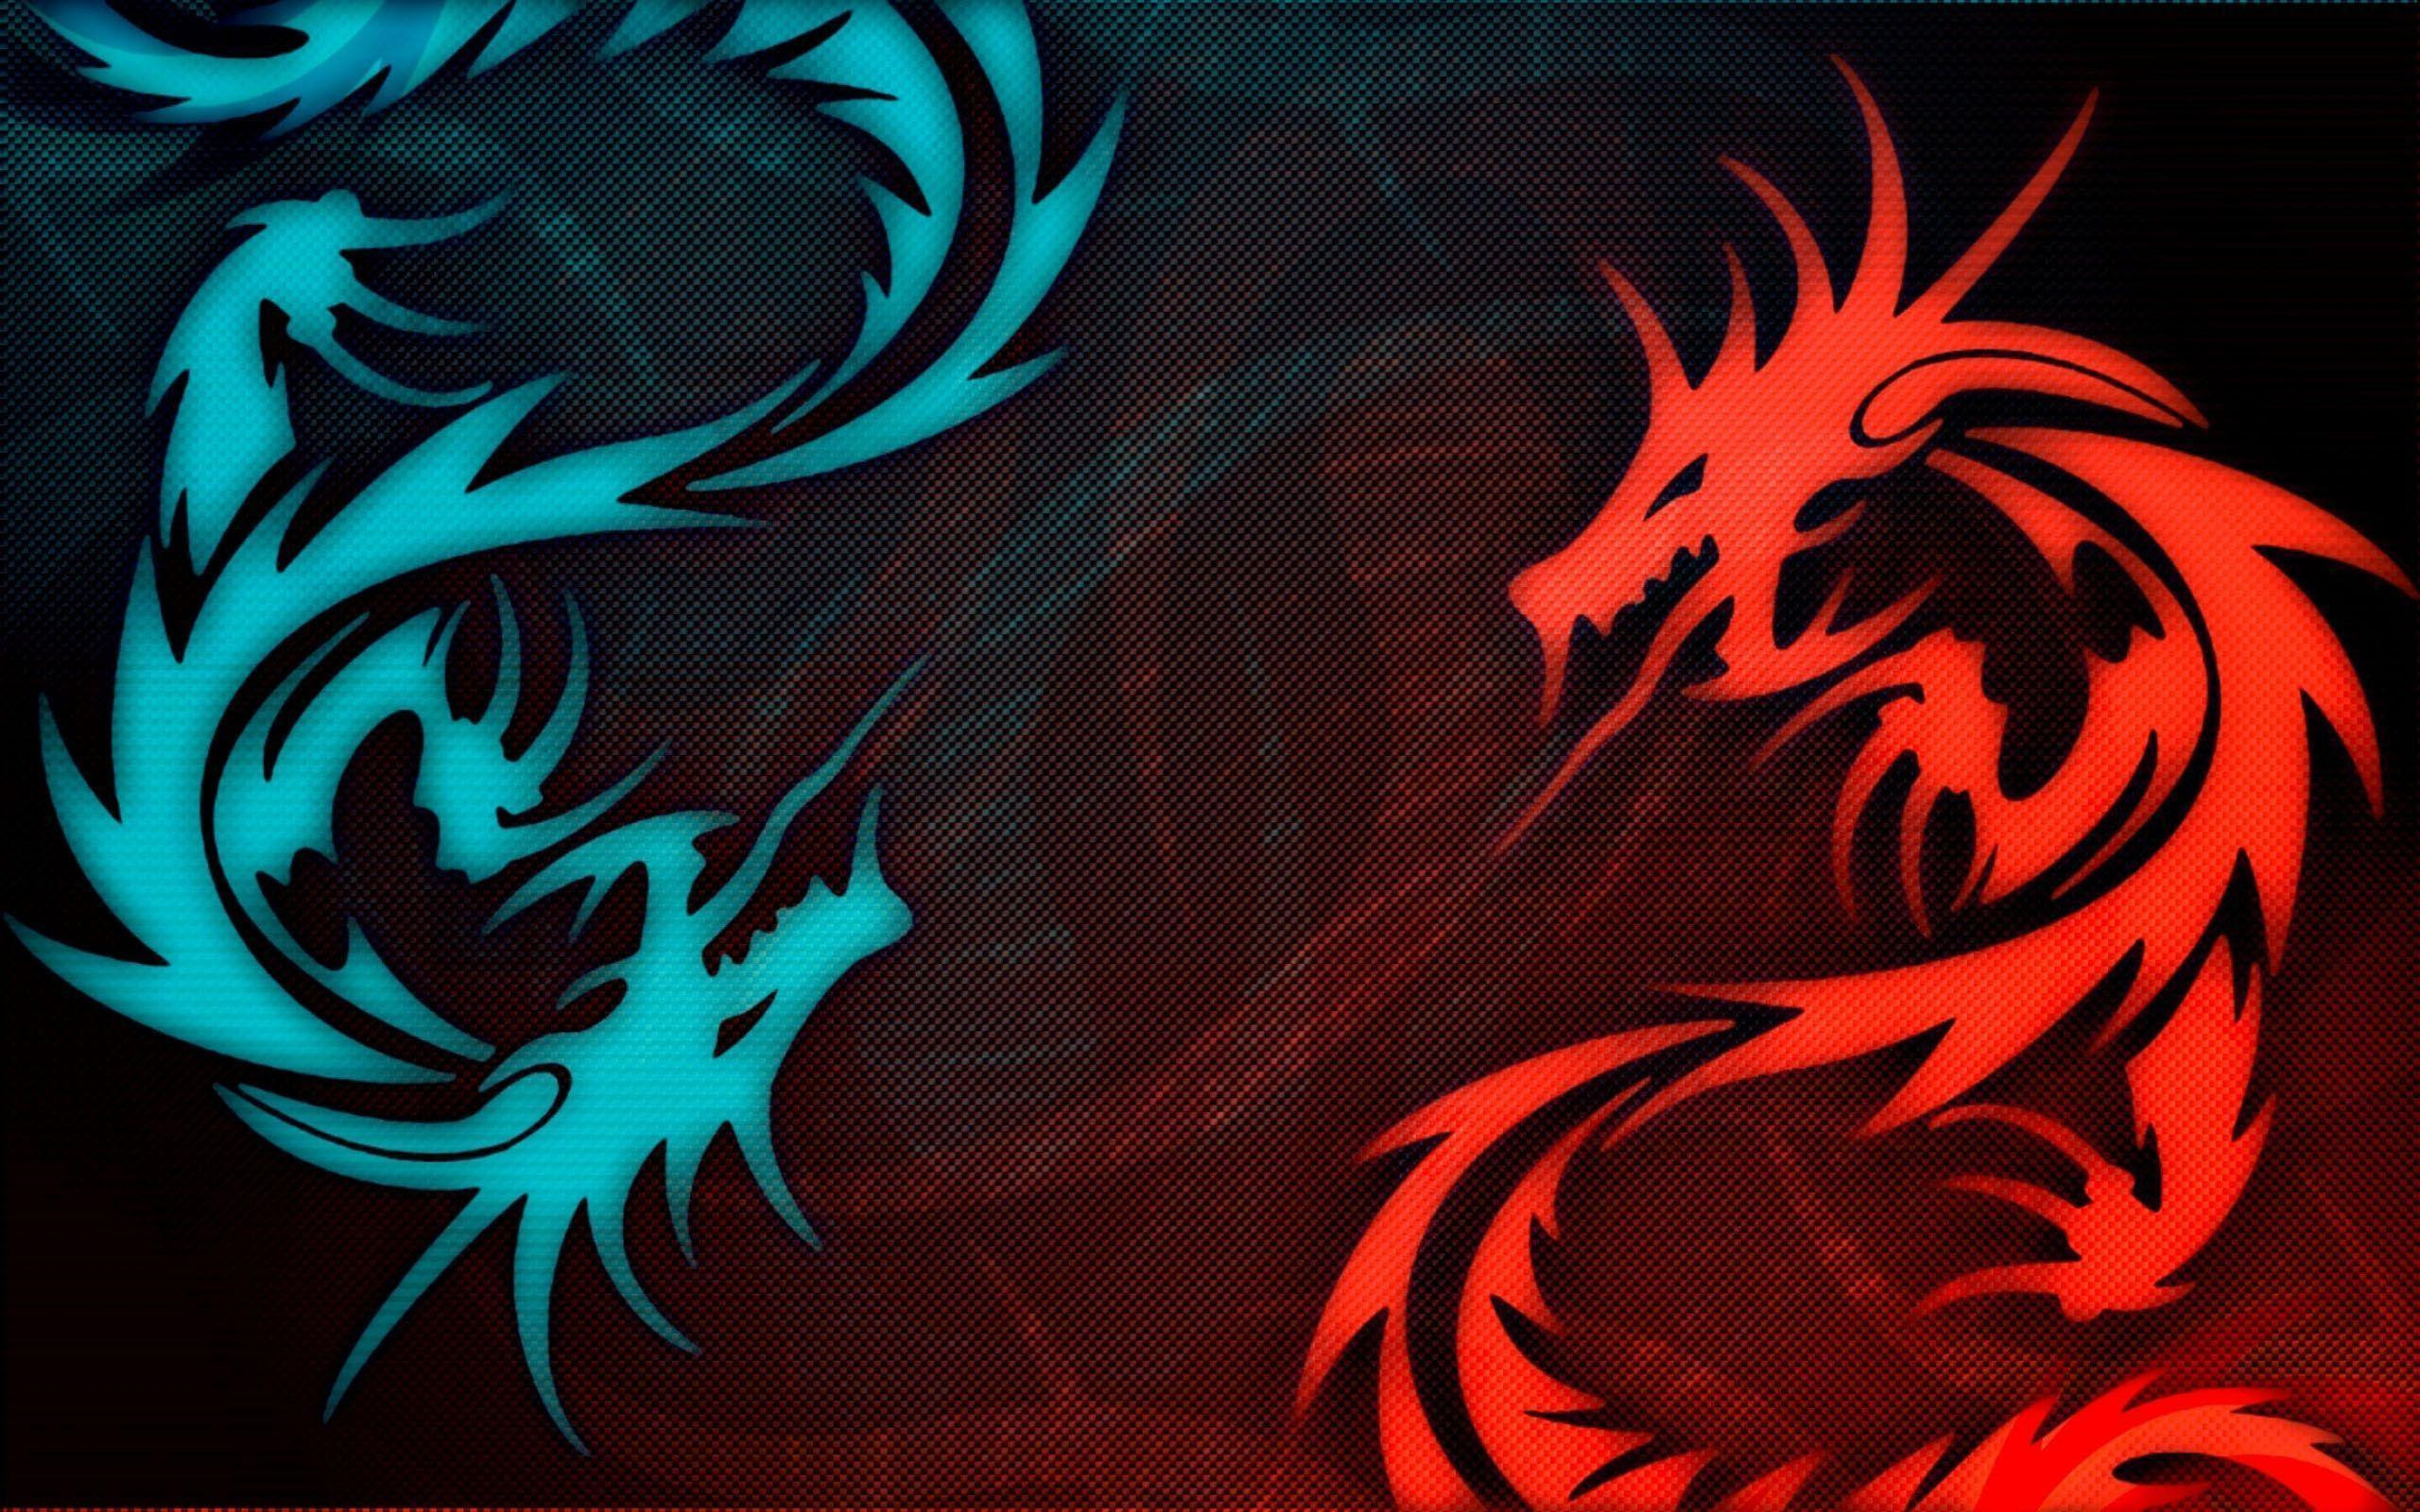 Dark Dragon Wallpapers - Wallpaper Cave